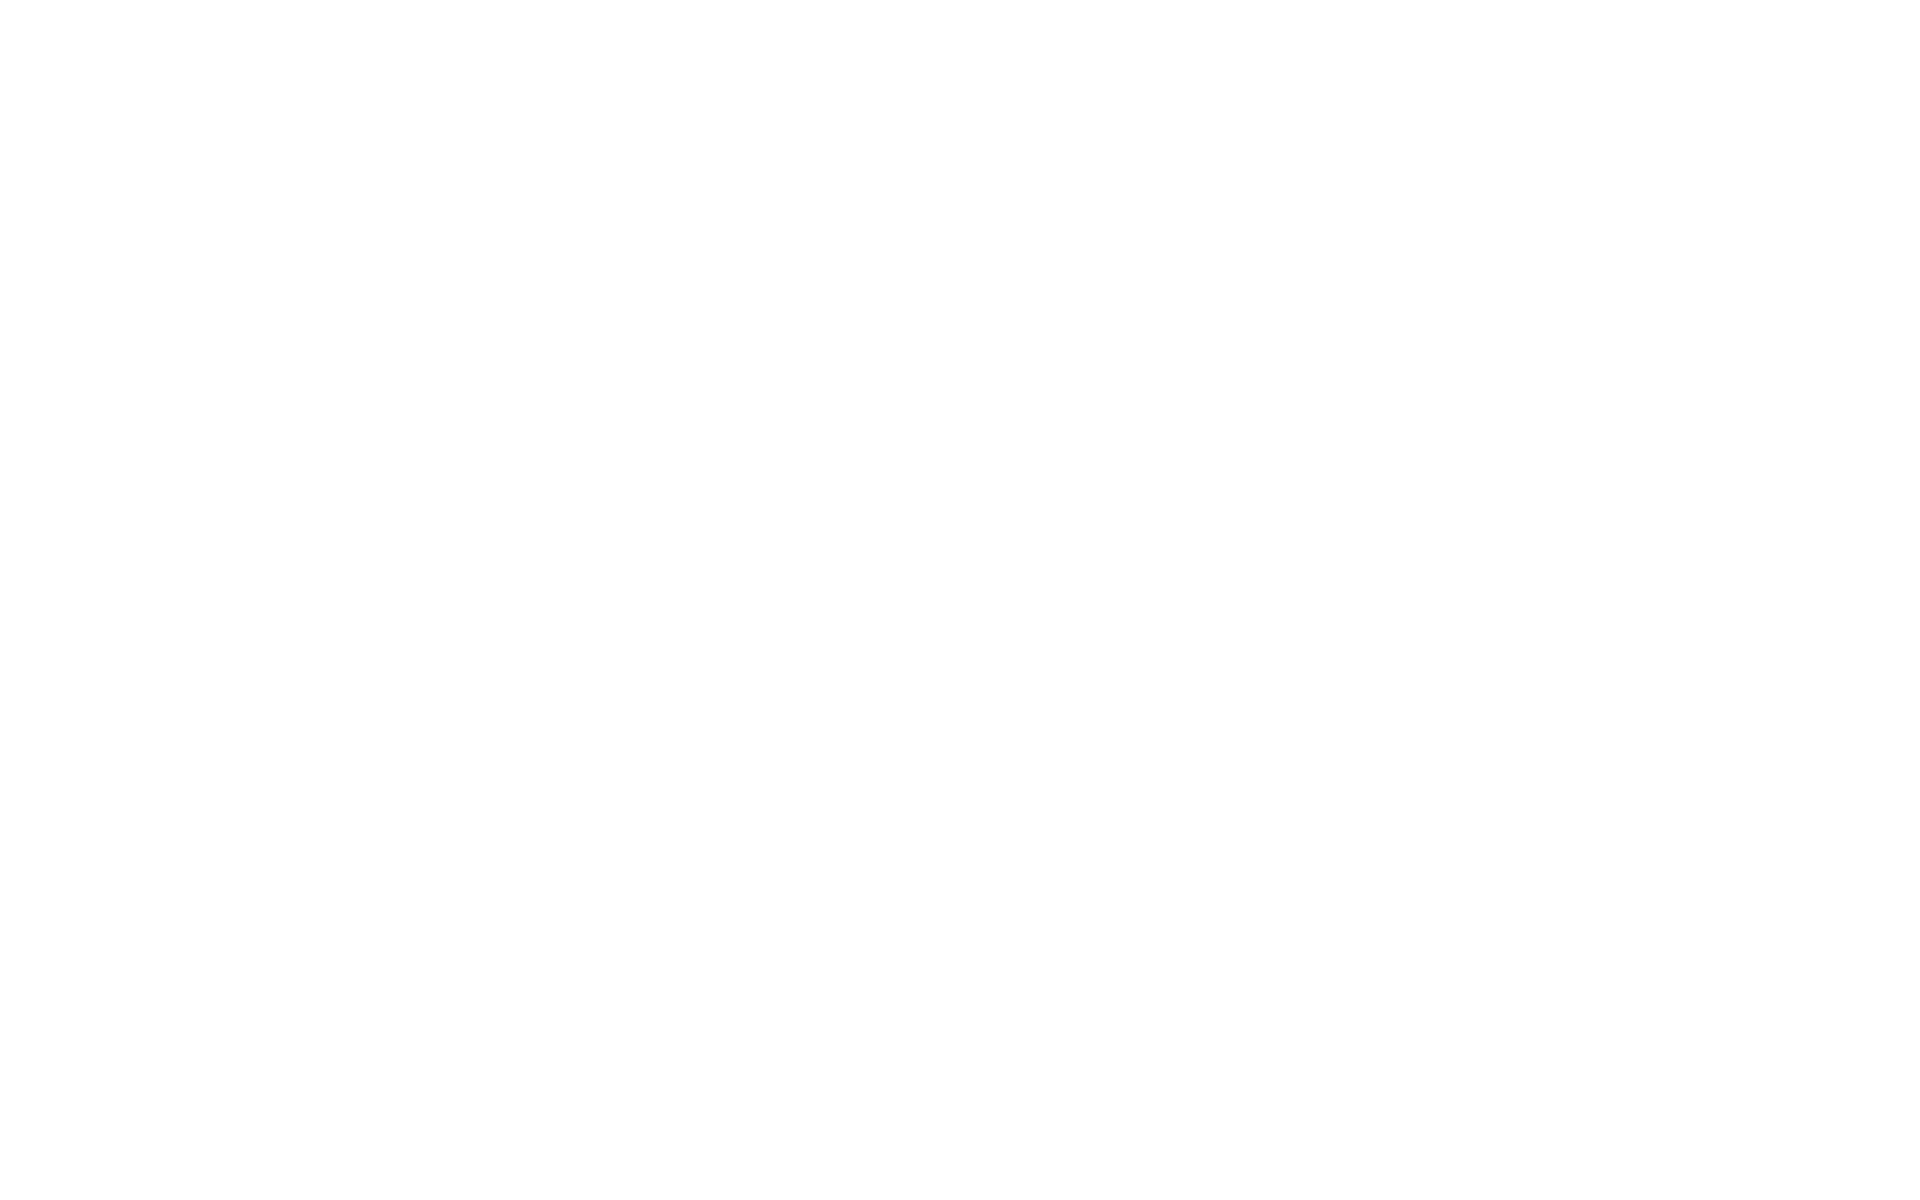 https://badmintonarmada.ro/wp-content/uploads/2019/03/Bacground-white.jpg